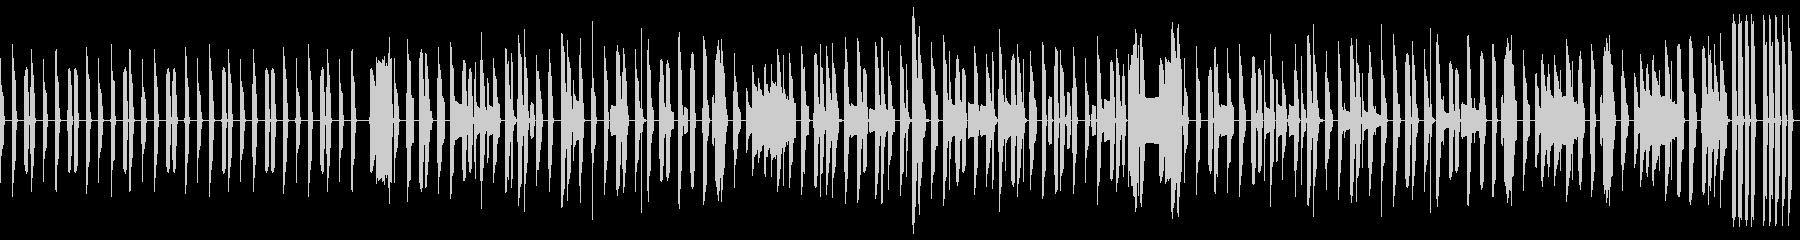 ピタゴラスイッチ風のほっこりしたボサノバの未再生の波形